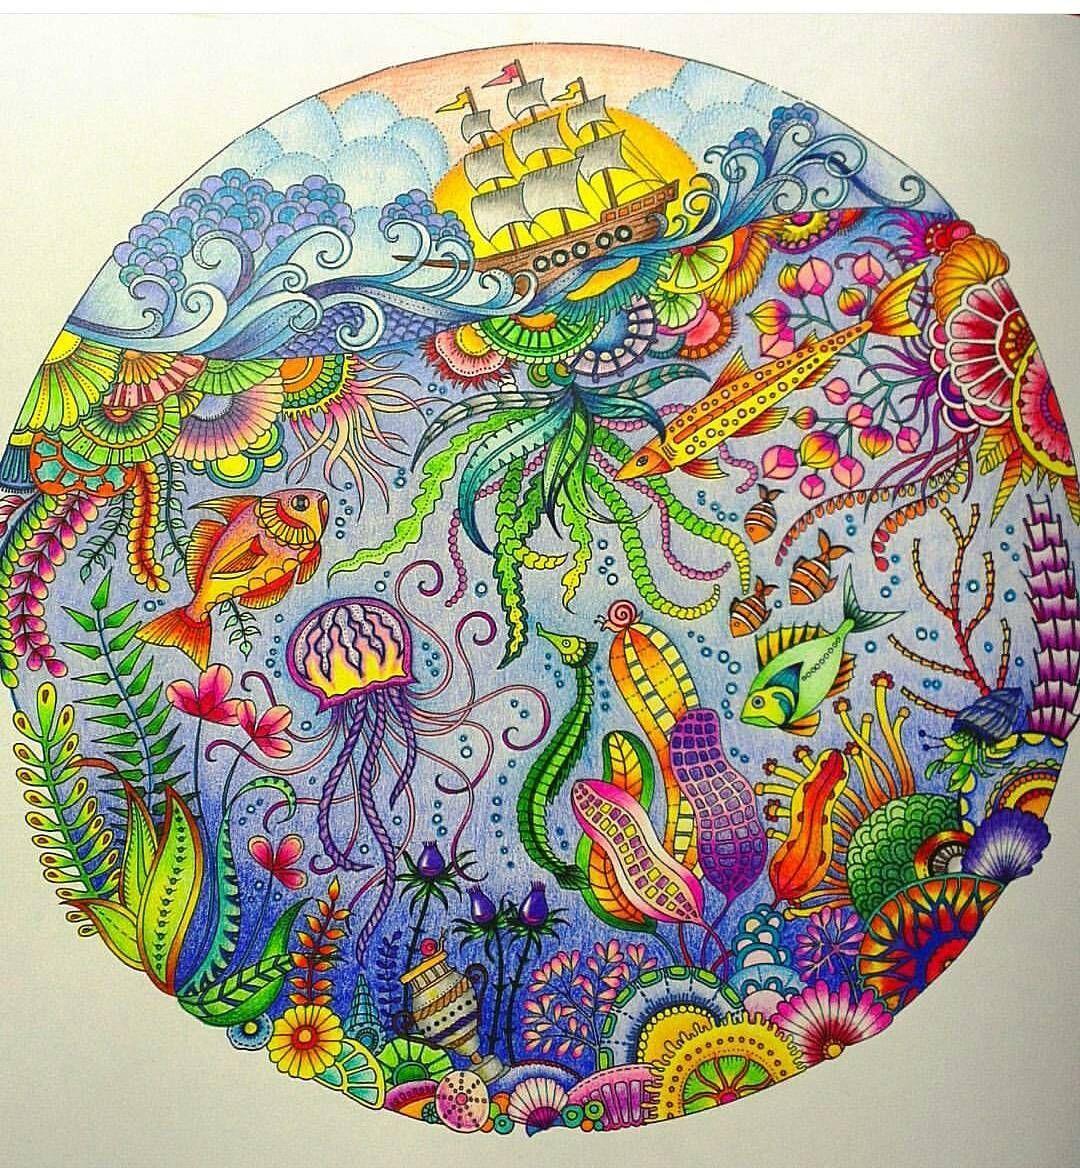 Johanna Basford galyanikitina Lost Ocean Pinterest